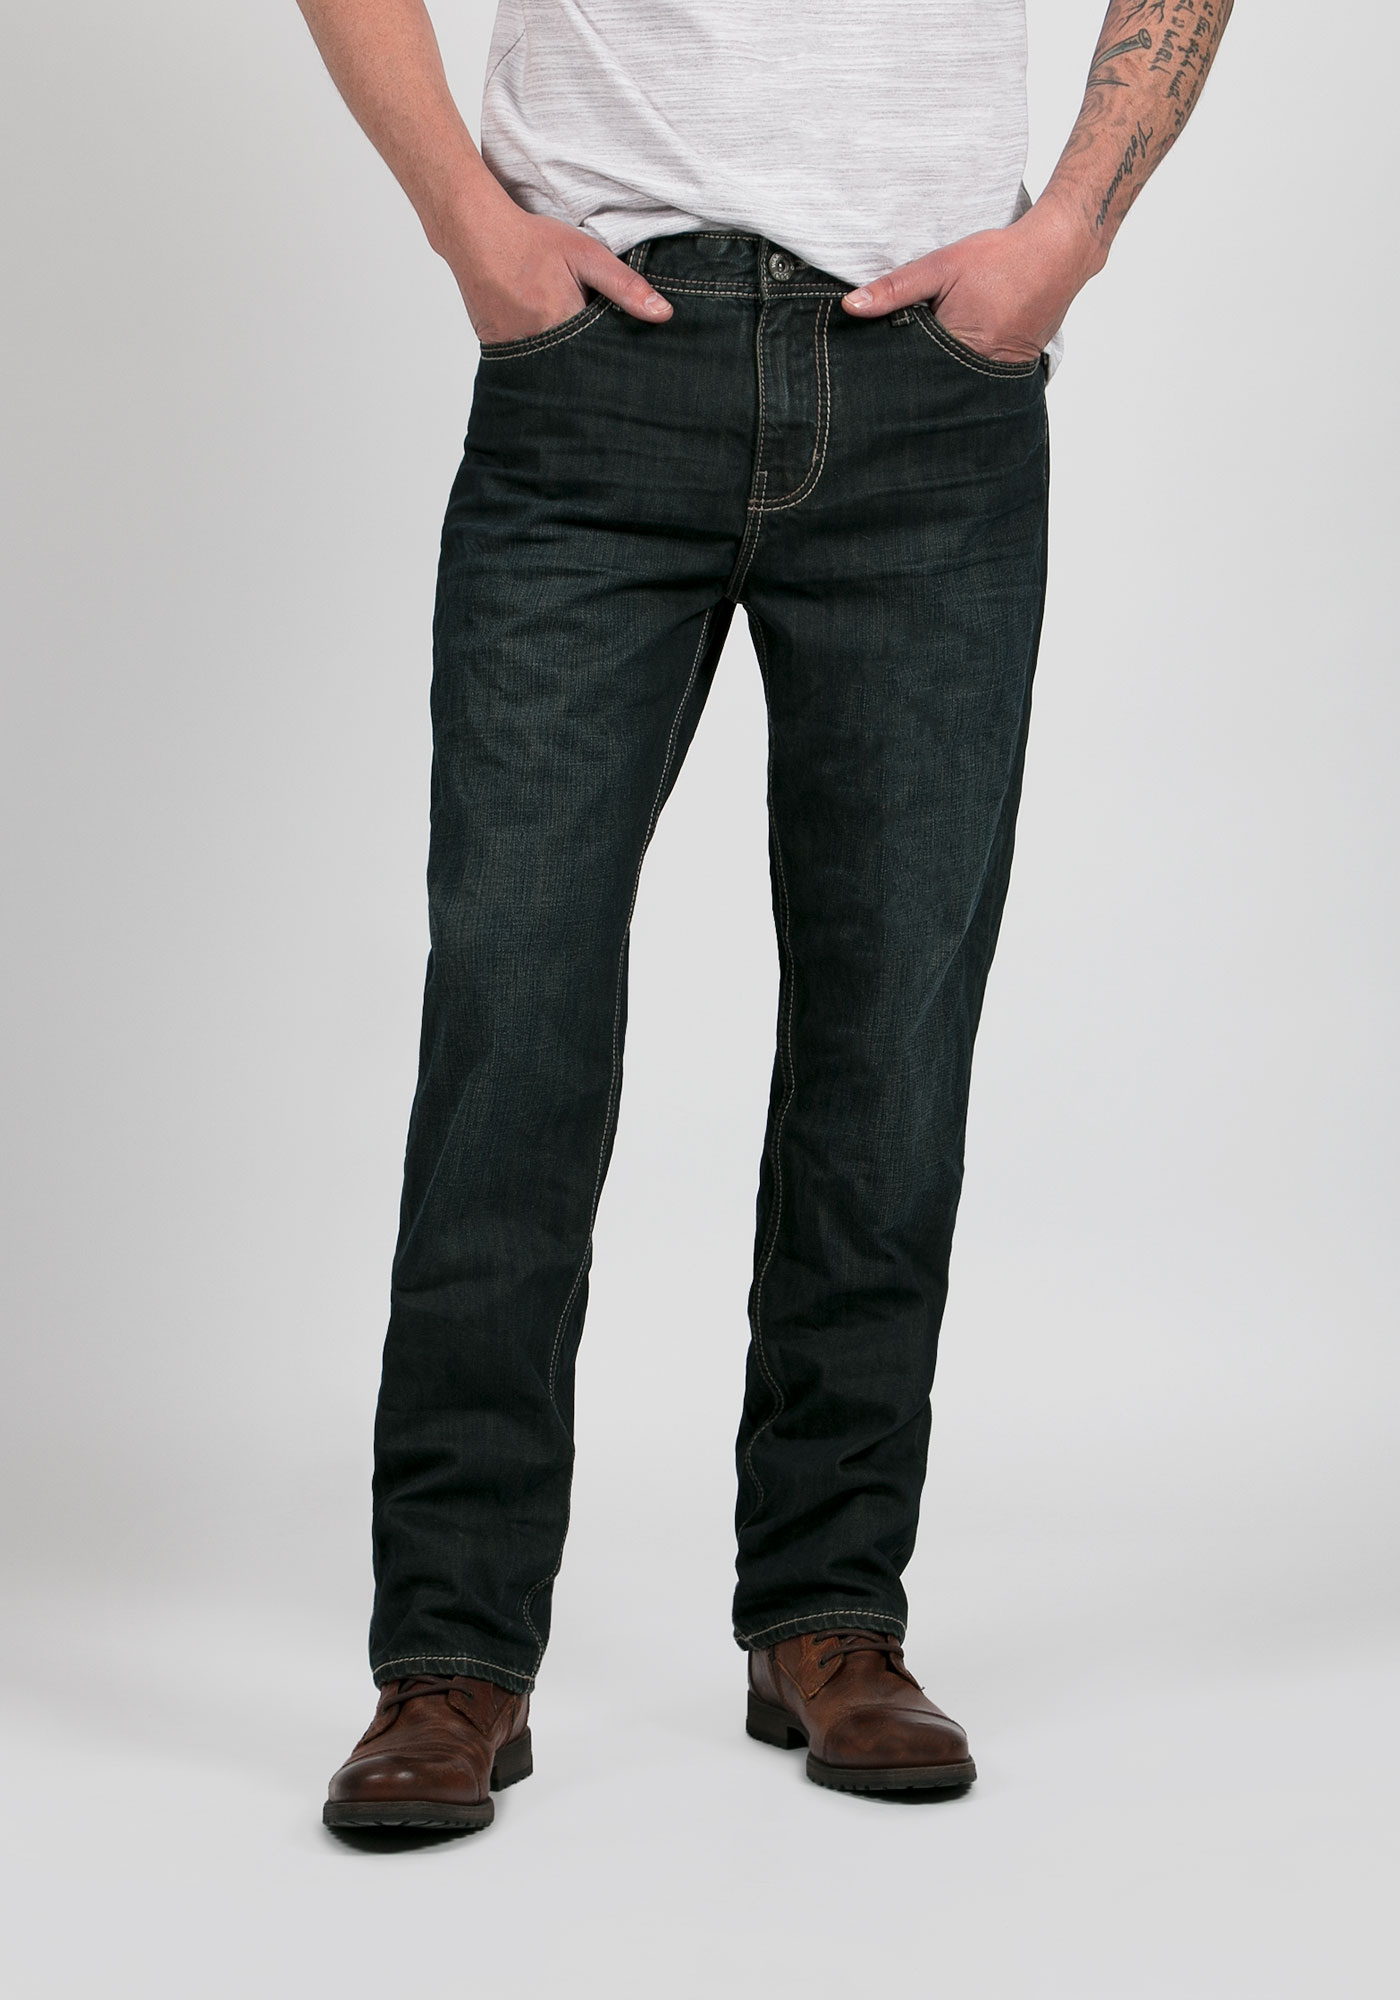 Dark Wash Mens Jeans